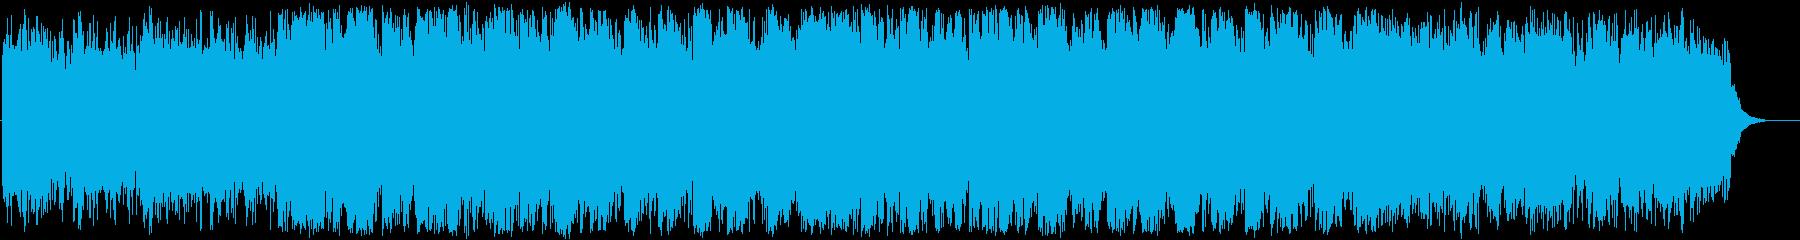 幻想的でどこか切ないミュージックの再生済みの波形